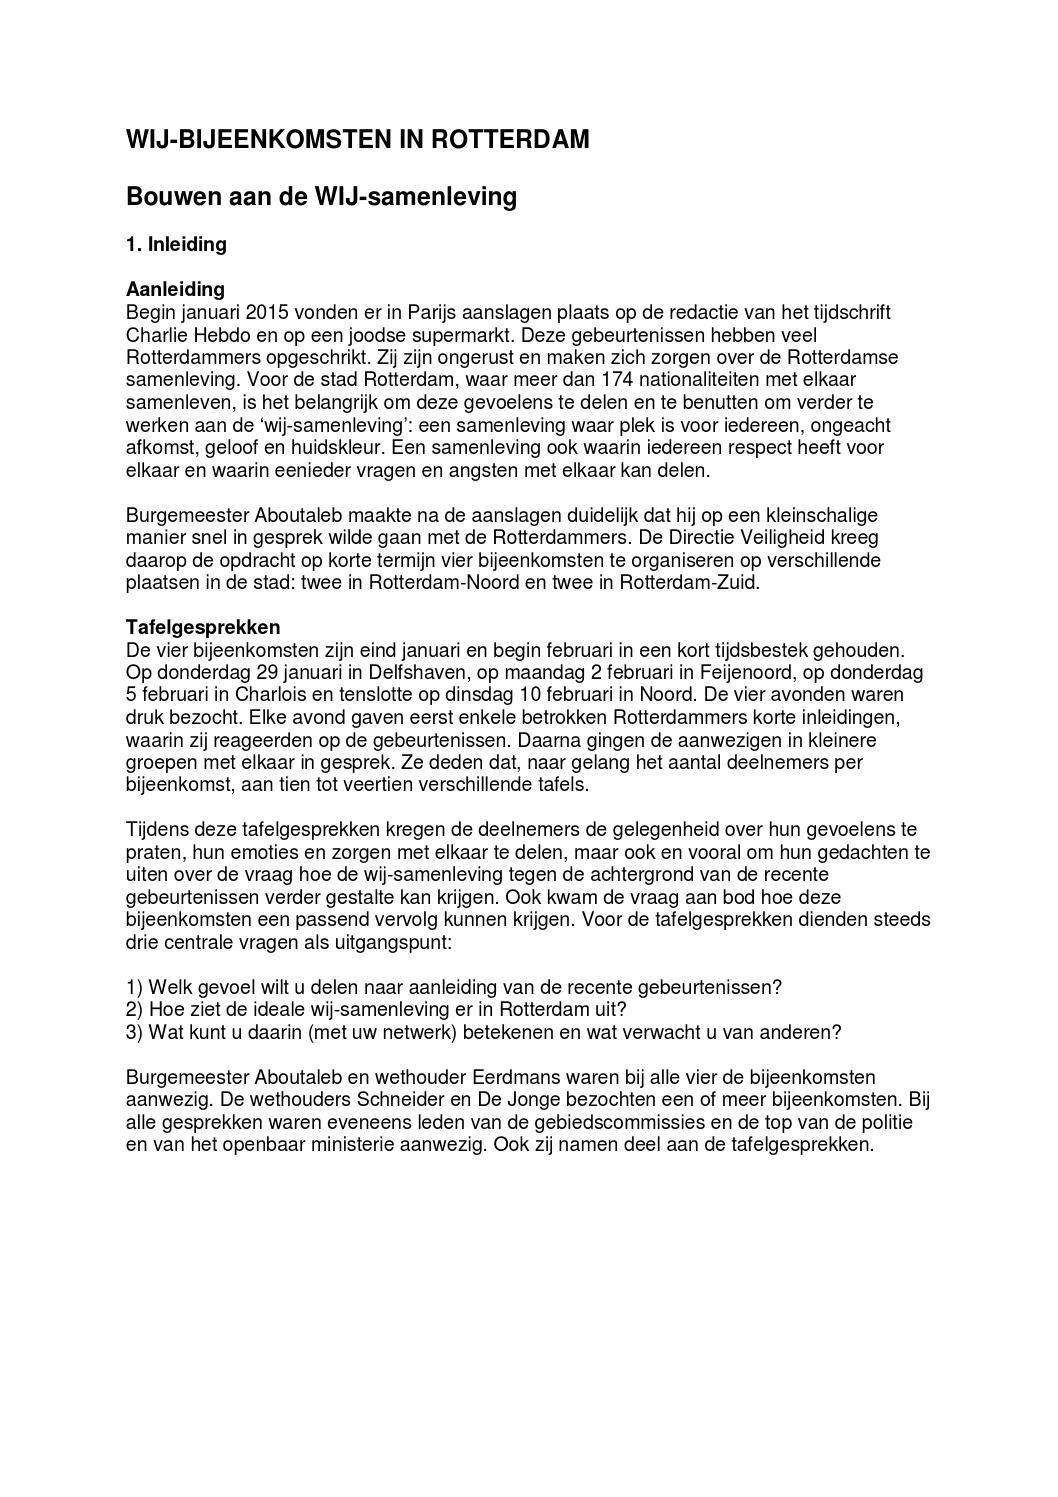 Publieksversie wijkavonden by diy issuu for Rotterdammers voor elkaar